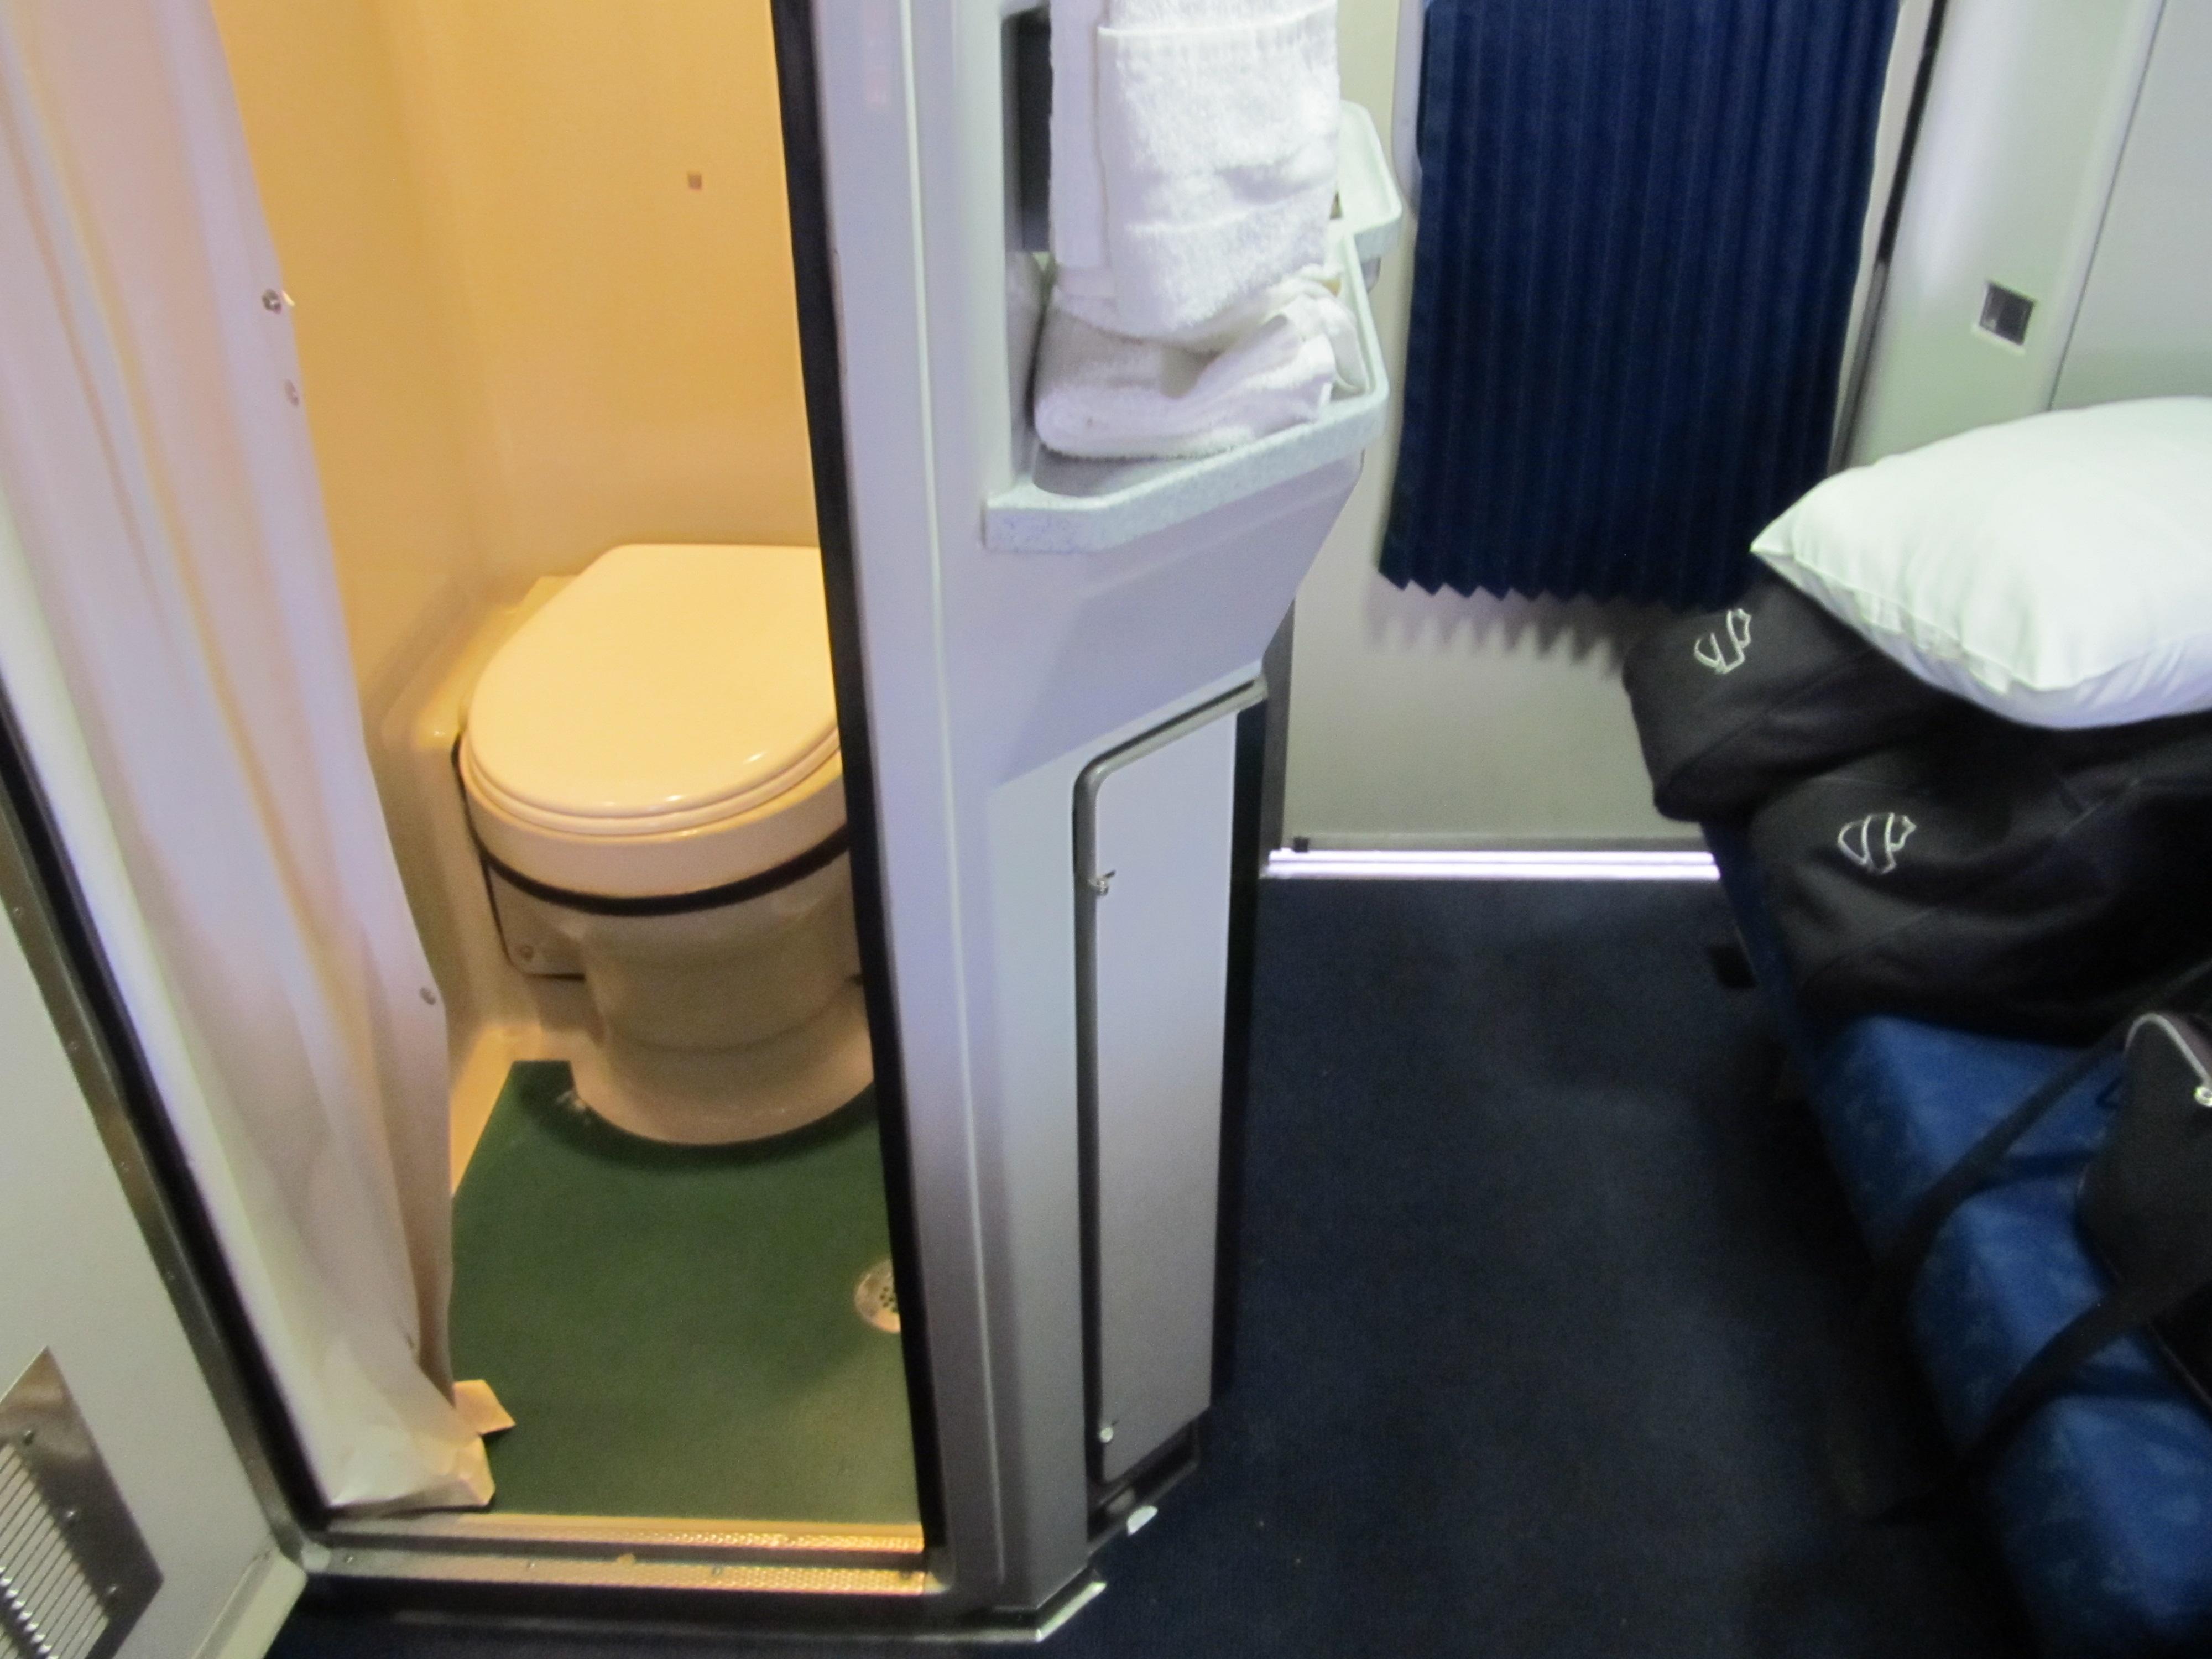 Amtrak - Passenger Train Travel | denise ditto satterfield